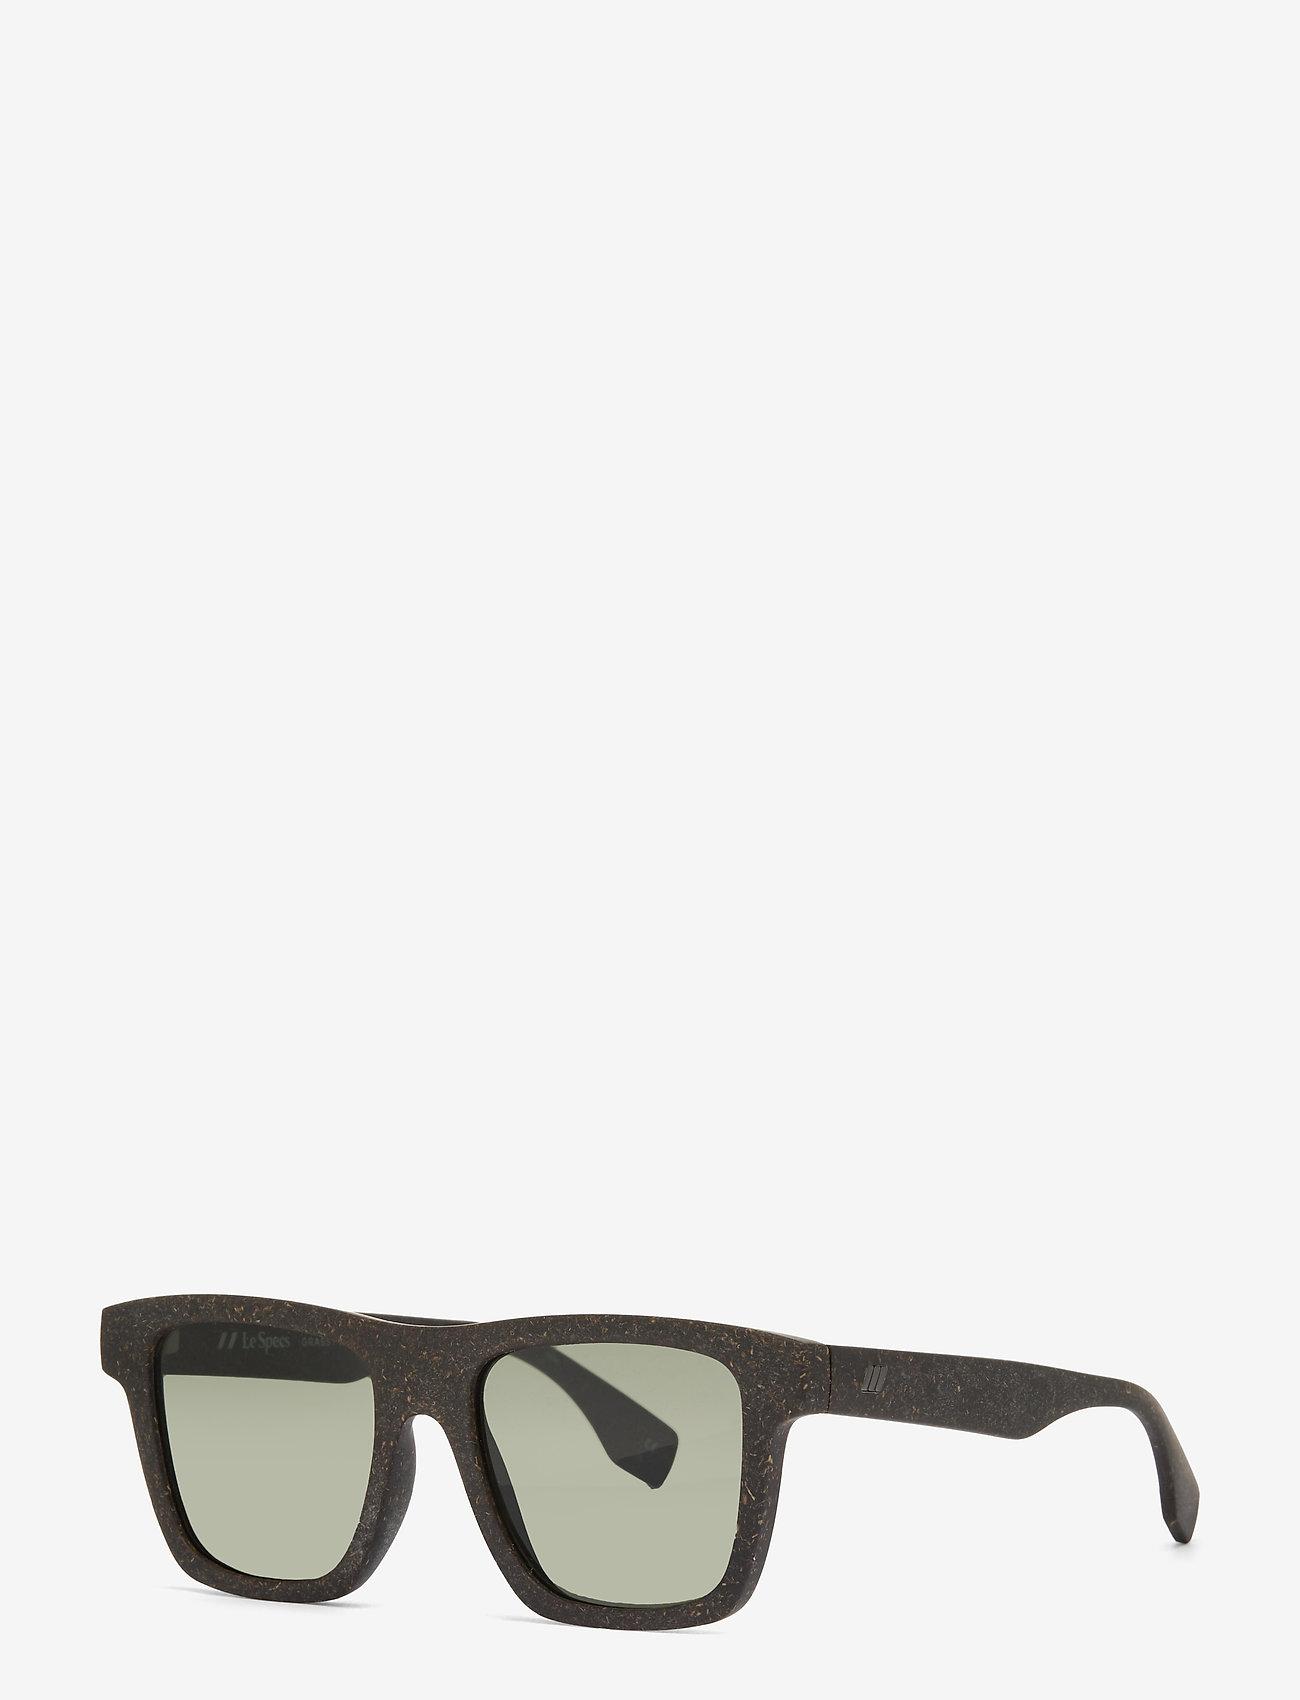 Le Specs - LE SUSTAIN - GRASSY KNOLL - d-vormige - midnight grass w/ khaki mono lens - 1